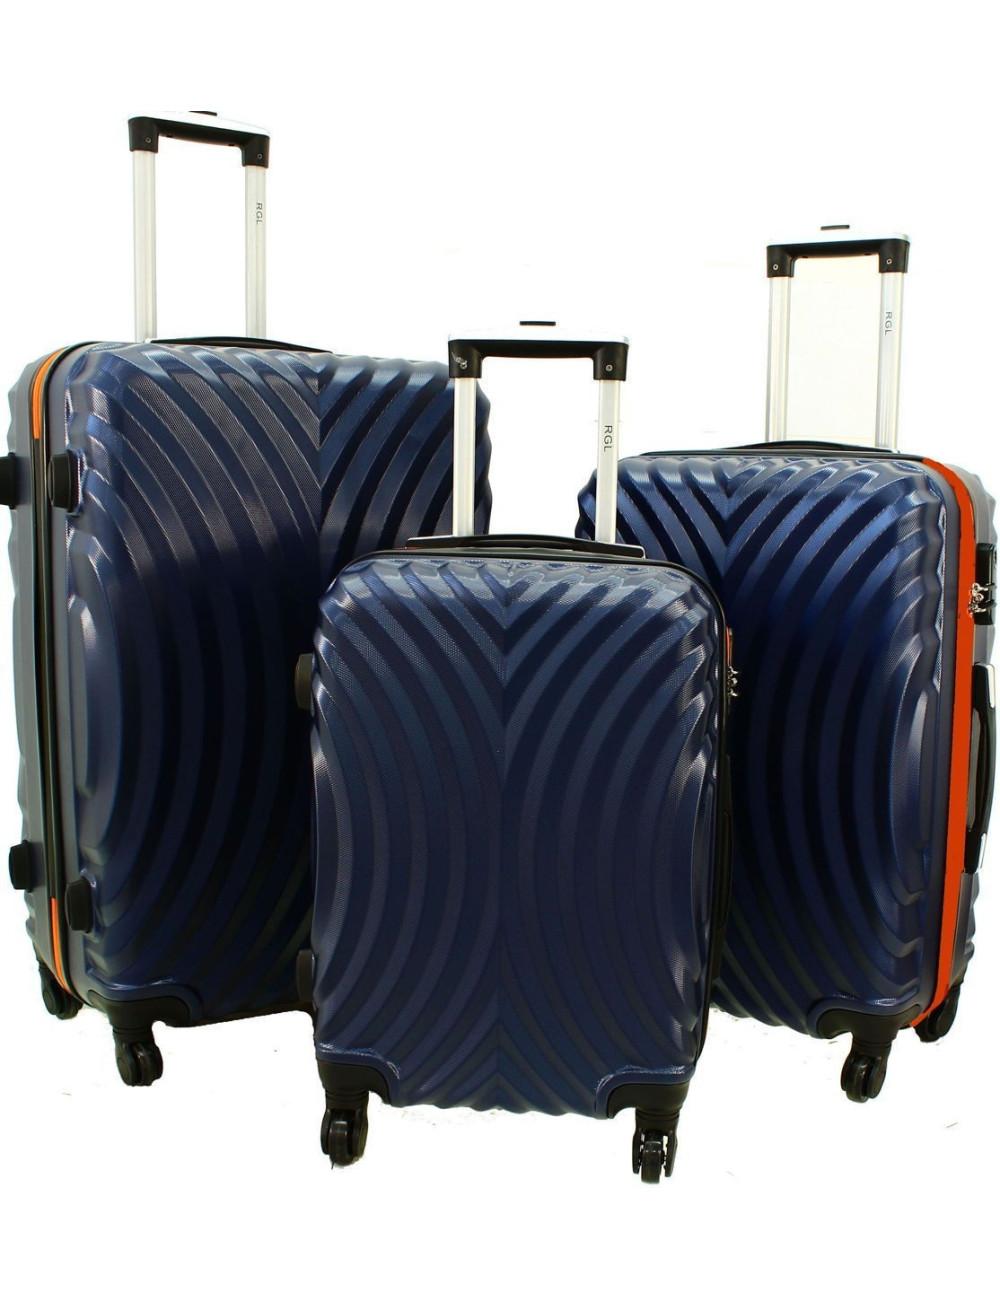 7f8caa4ec719d Zestaw walizek podróżnych na kółkach 3w1 760 XXL XL L - Granatowo-Pomarańcz